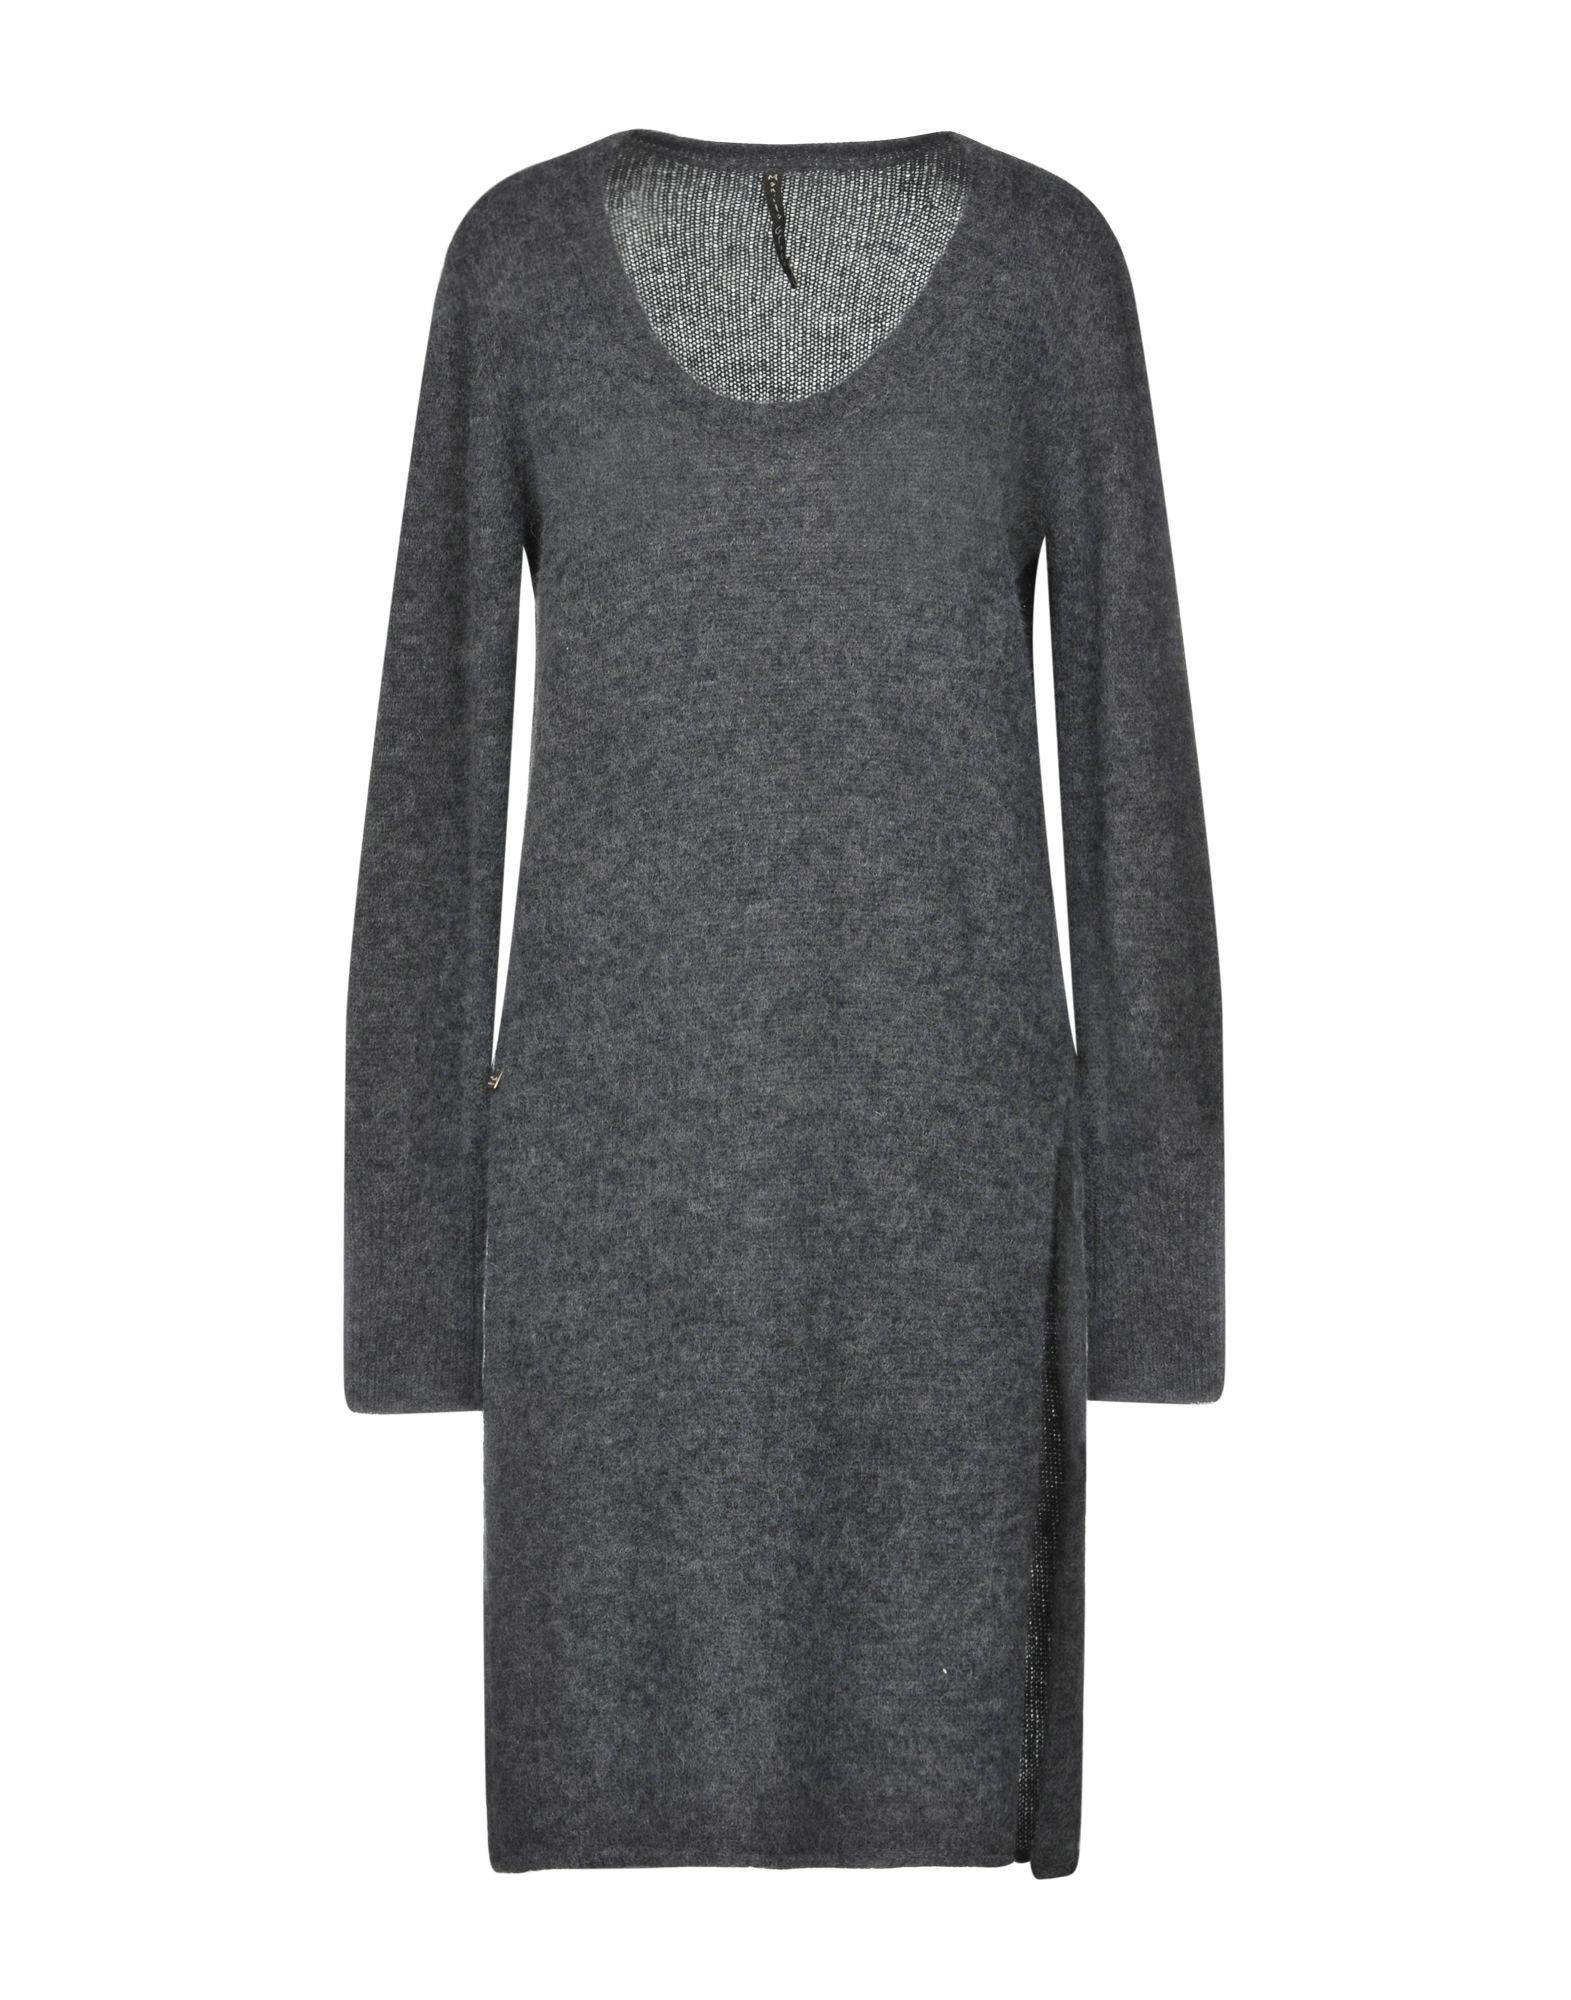 MANILA GRACE Sweaters - Item 39871391